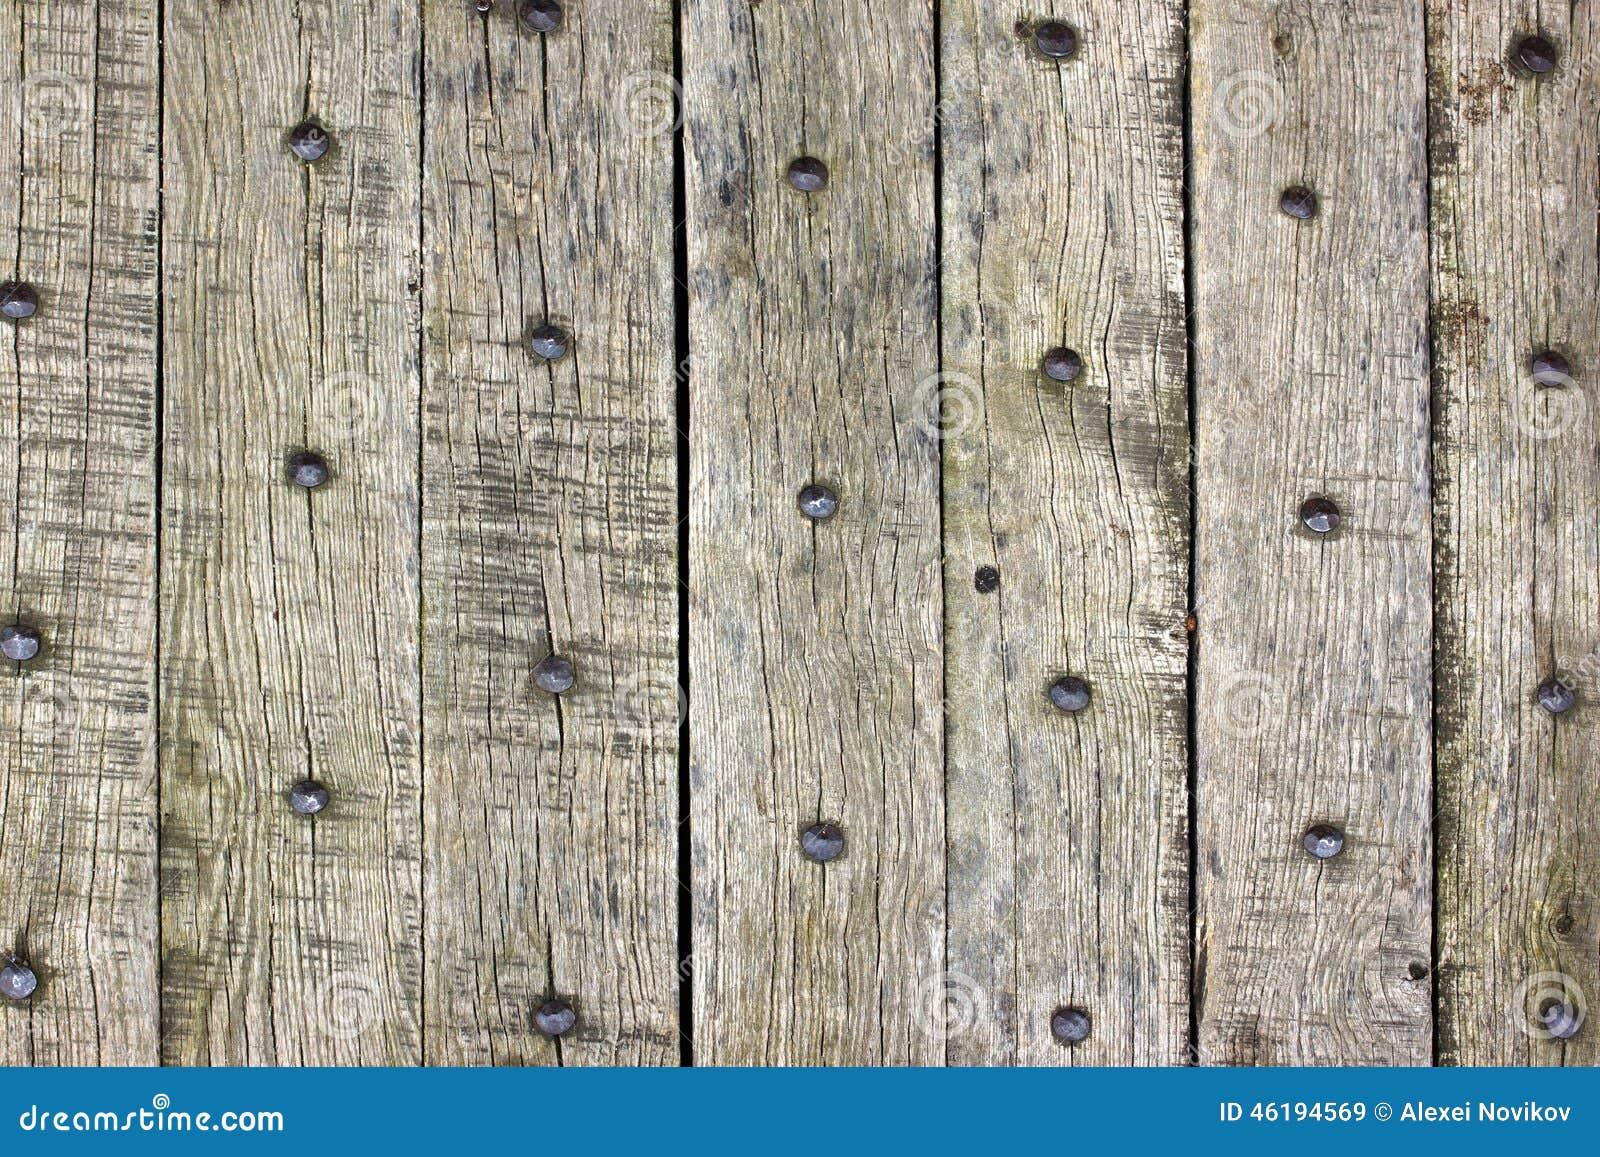 Vieilles planches en bois avec des clous photo stock for Vieille planche de bois